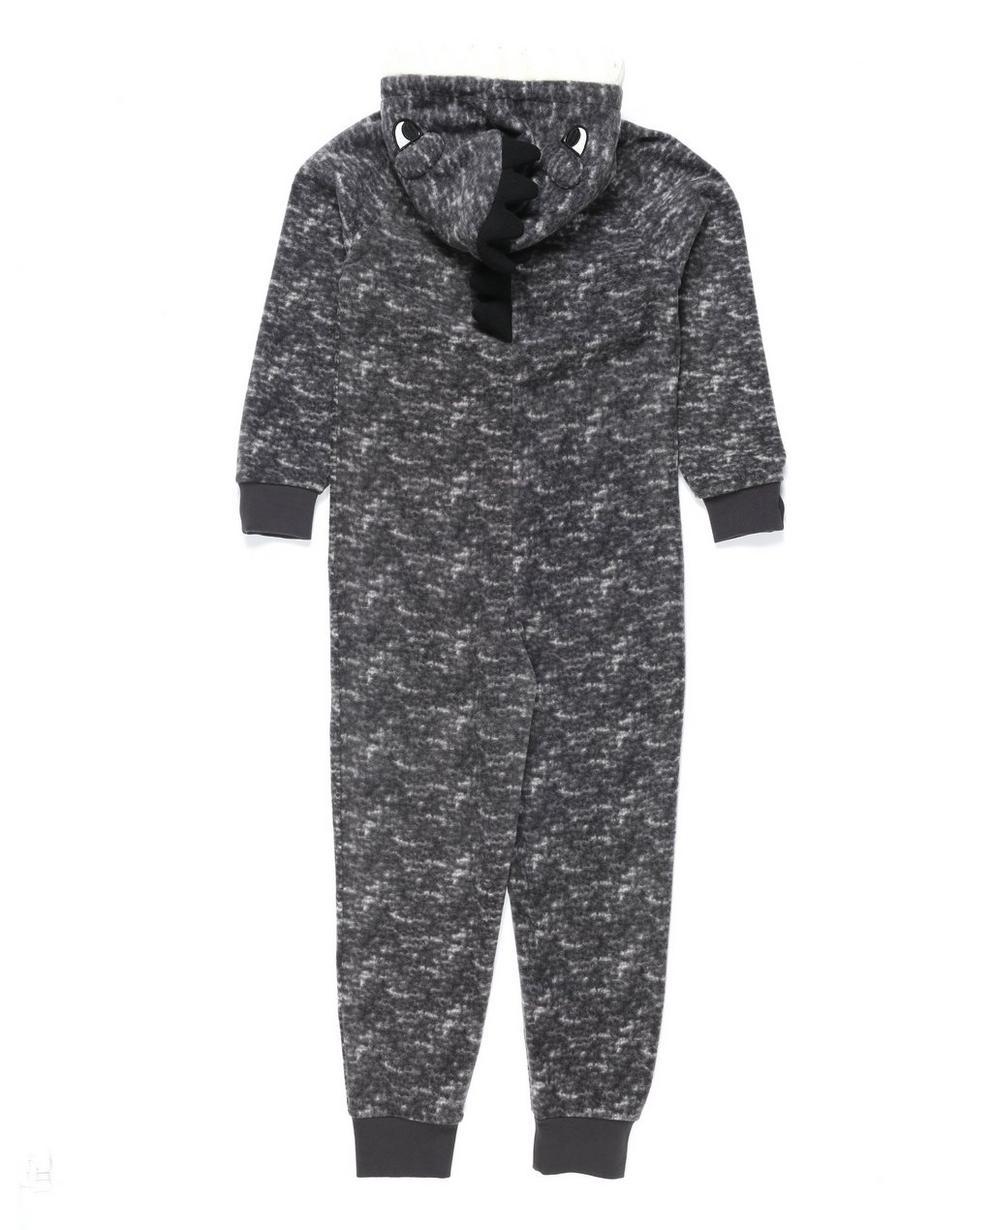 Nachtwäsche - Grau - Grijze onesie monster